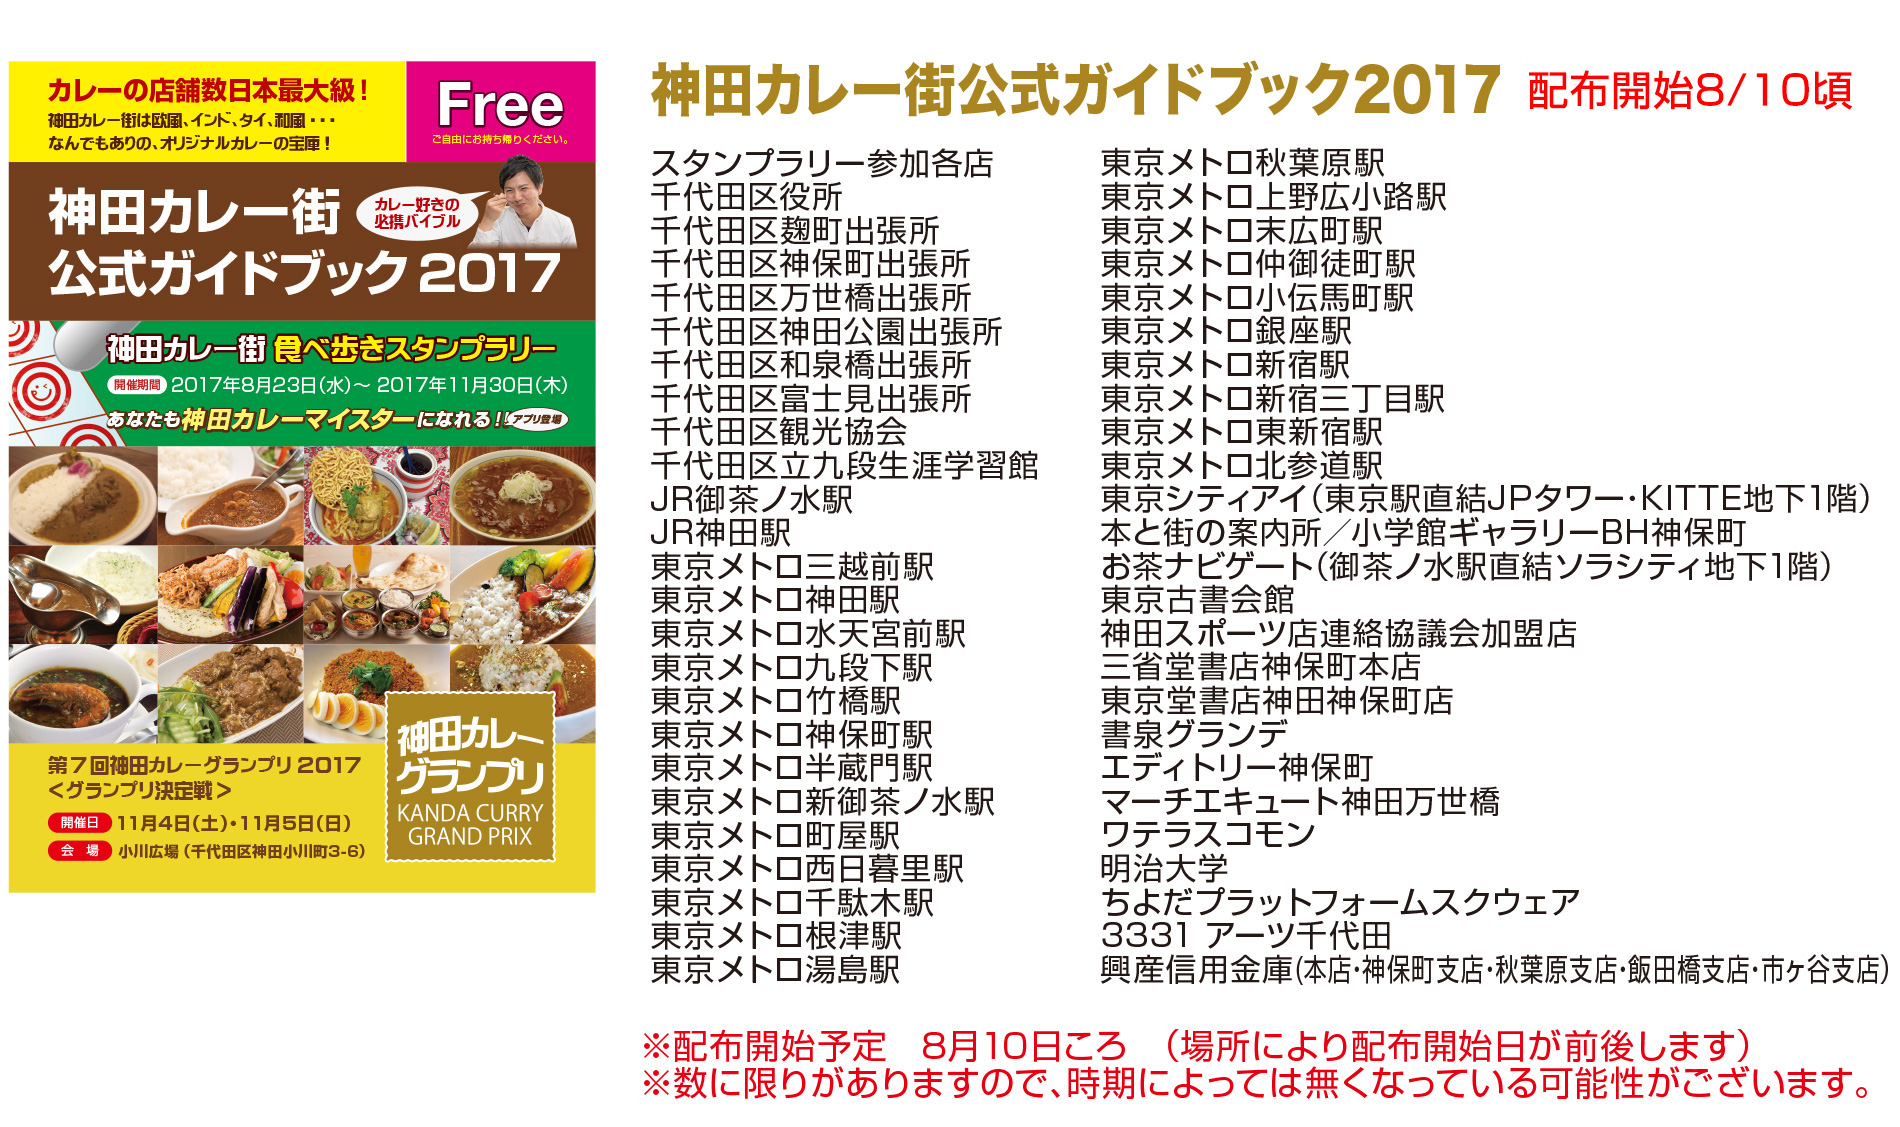 神田カレー街公式ガイドブック2016配付場所